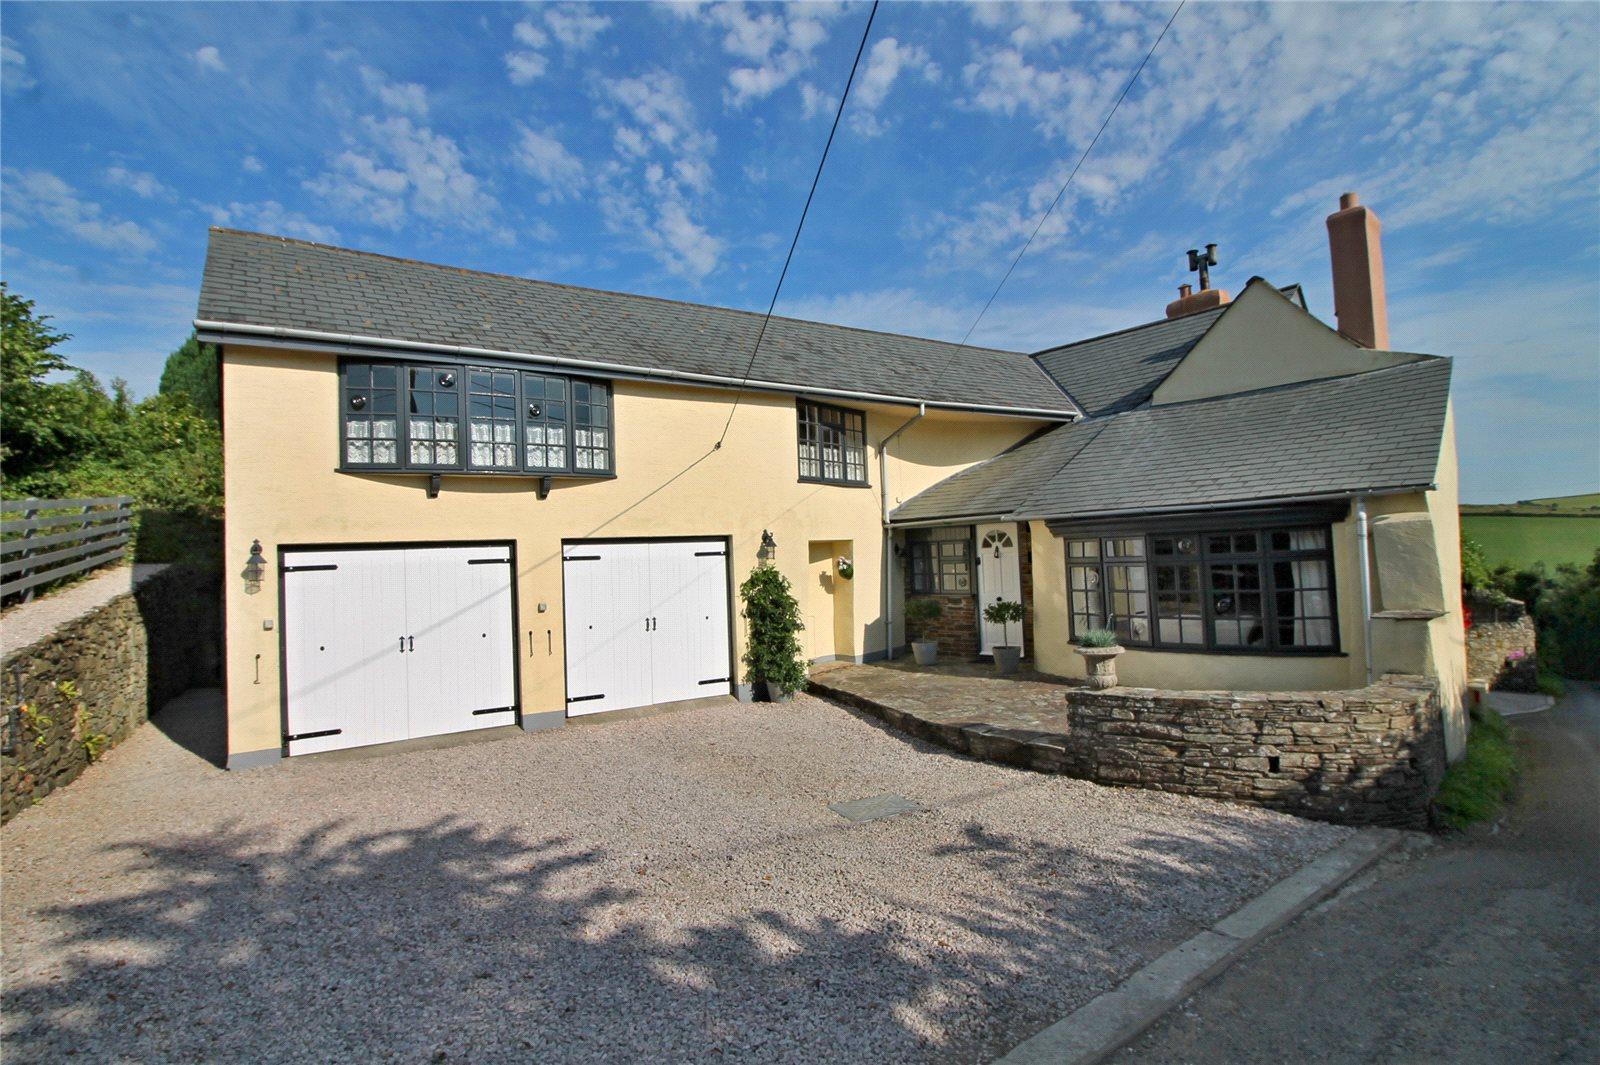 단독 가정 주택 용 매매 에 Ford, Kingsbridge, Devon, TQ7 Kingsbridge, 영국